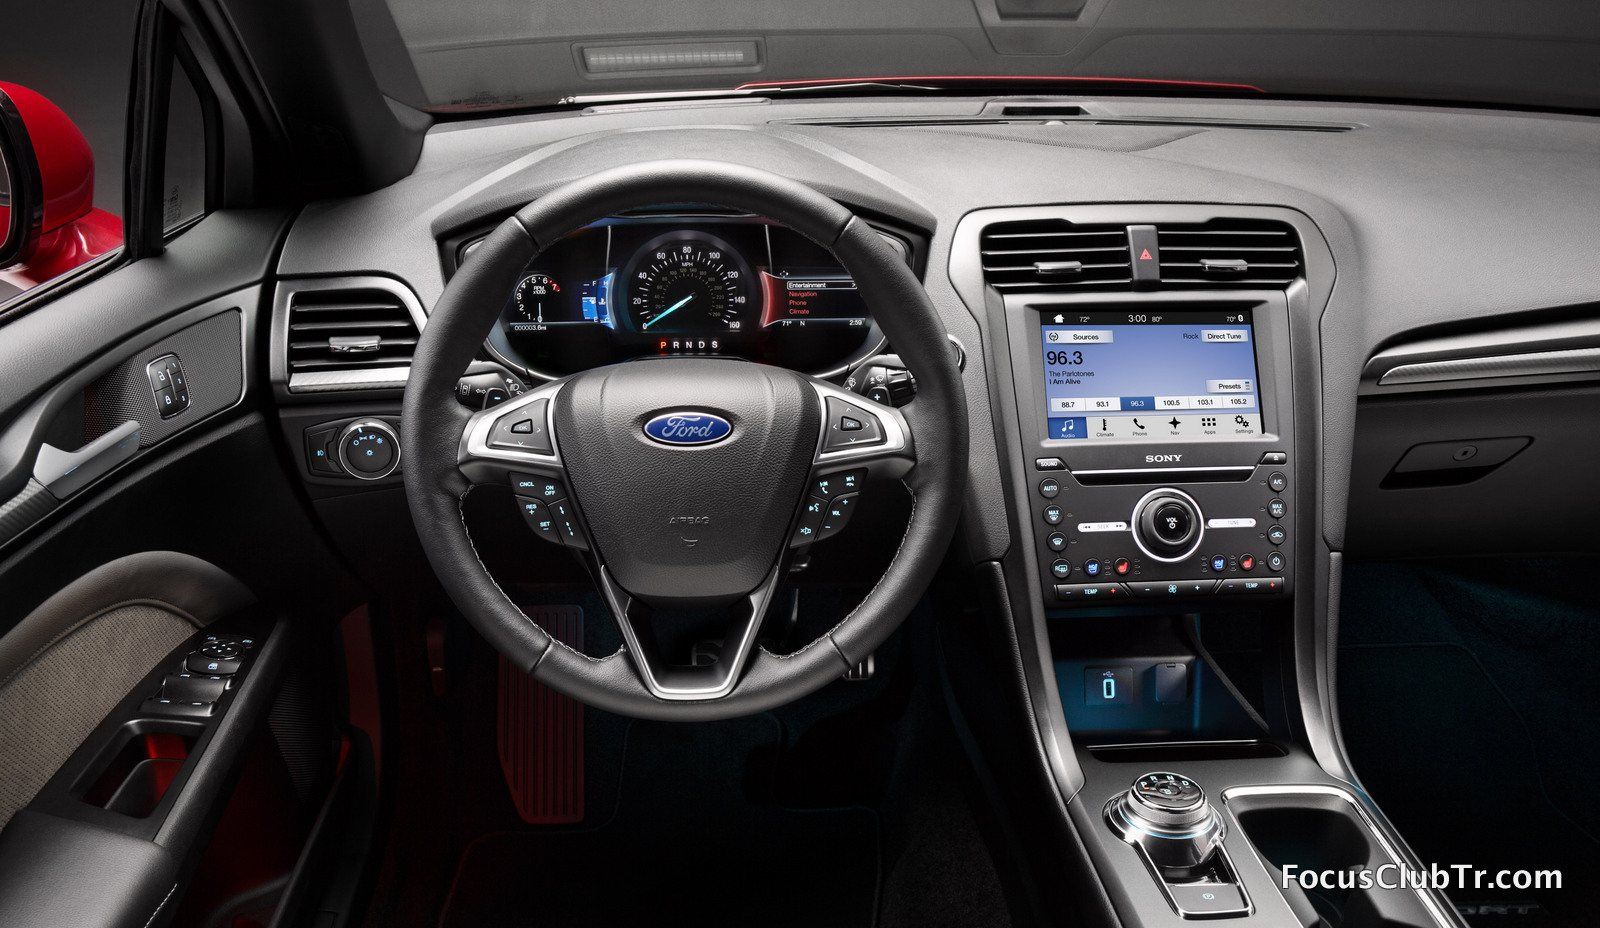 Купить новый Ford Mondeo 2017 года (5 поколение) по ...